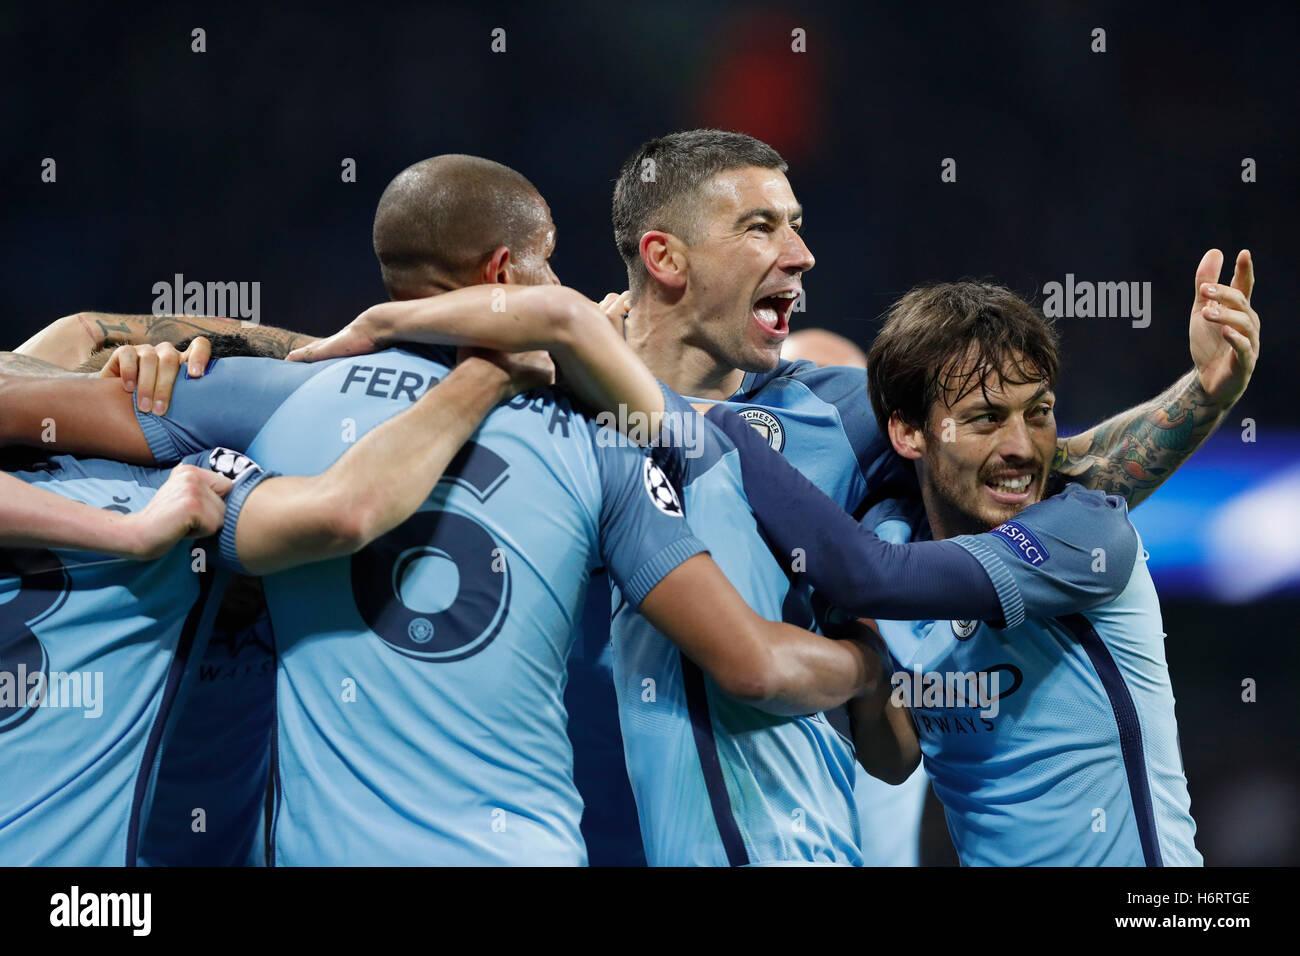 London, Großbritannien. 1. November 2016. Spieler von Manchester City feiern nach seinem Tor in der UEFA Champions Stockfoto